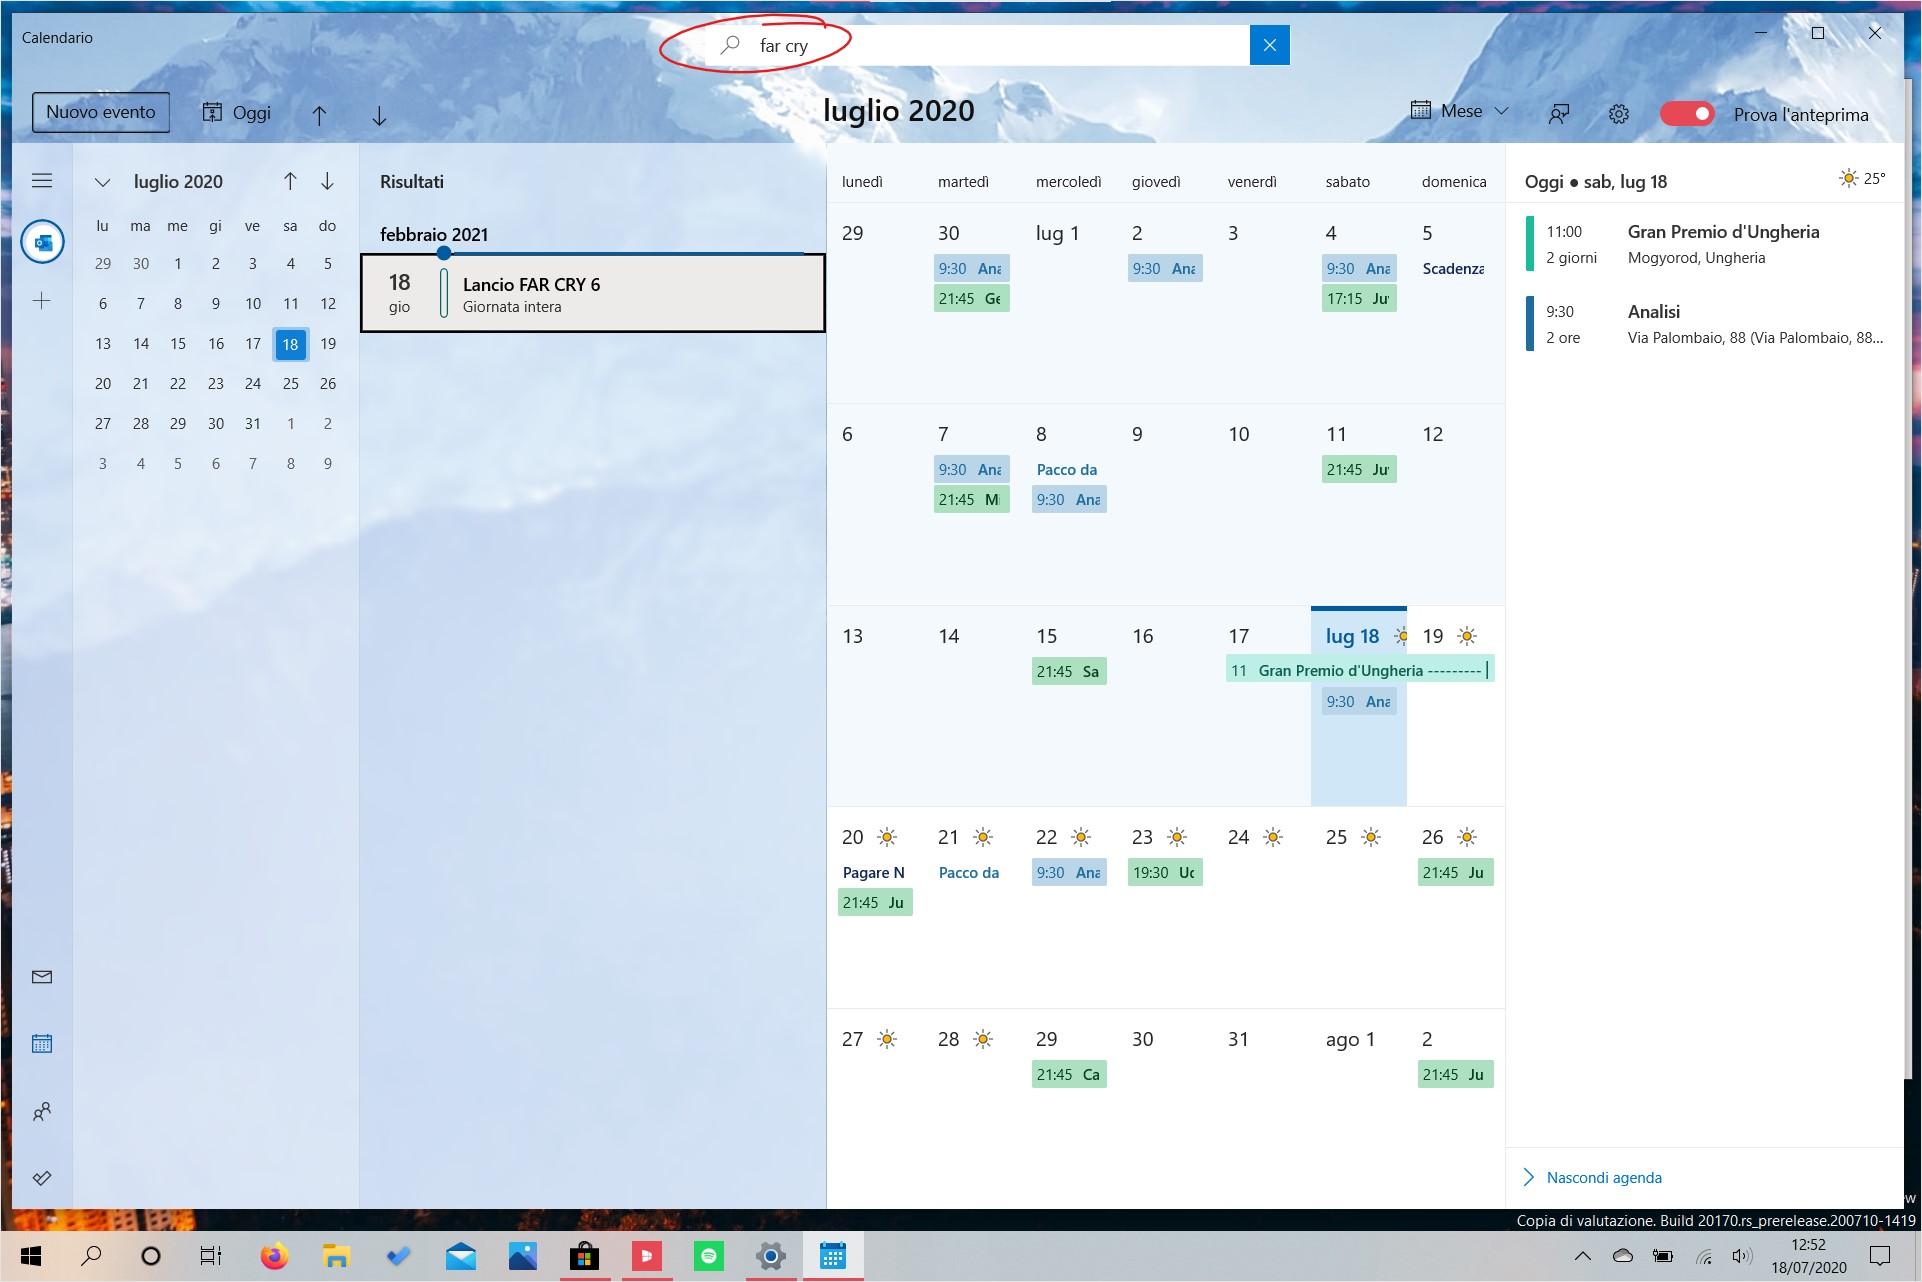 https://www.windowsblogitalia.com/2020/02/tour-e-anteprima-della-nuova-app-calendario-di-windows-10/